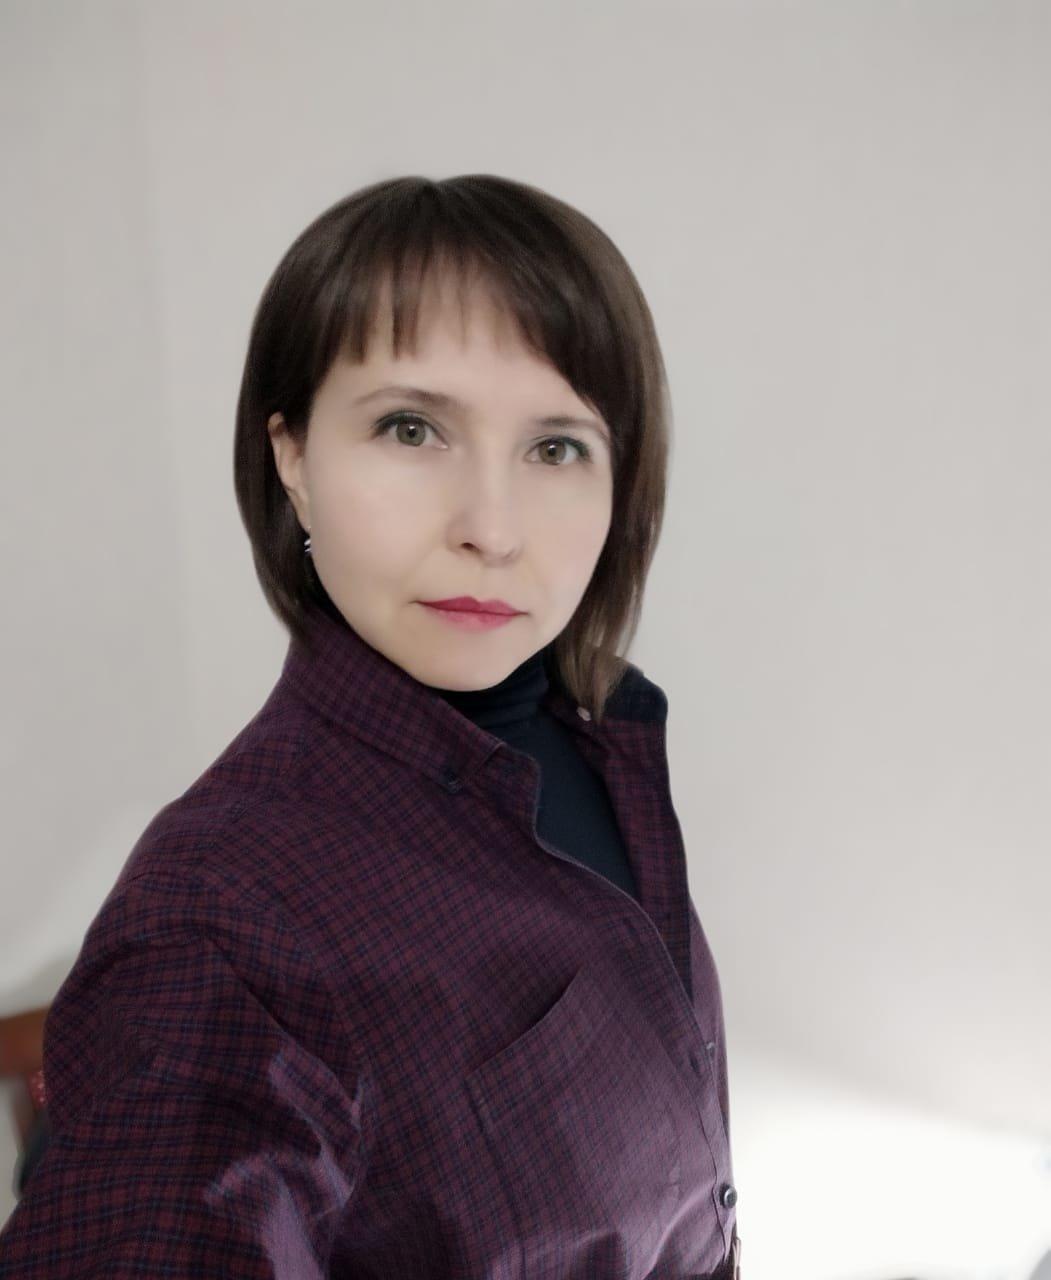 Психолог Миляуша Хуснутдинова